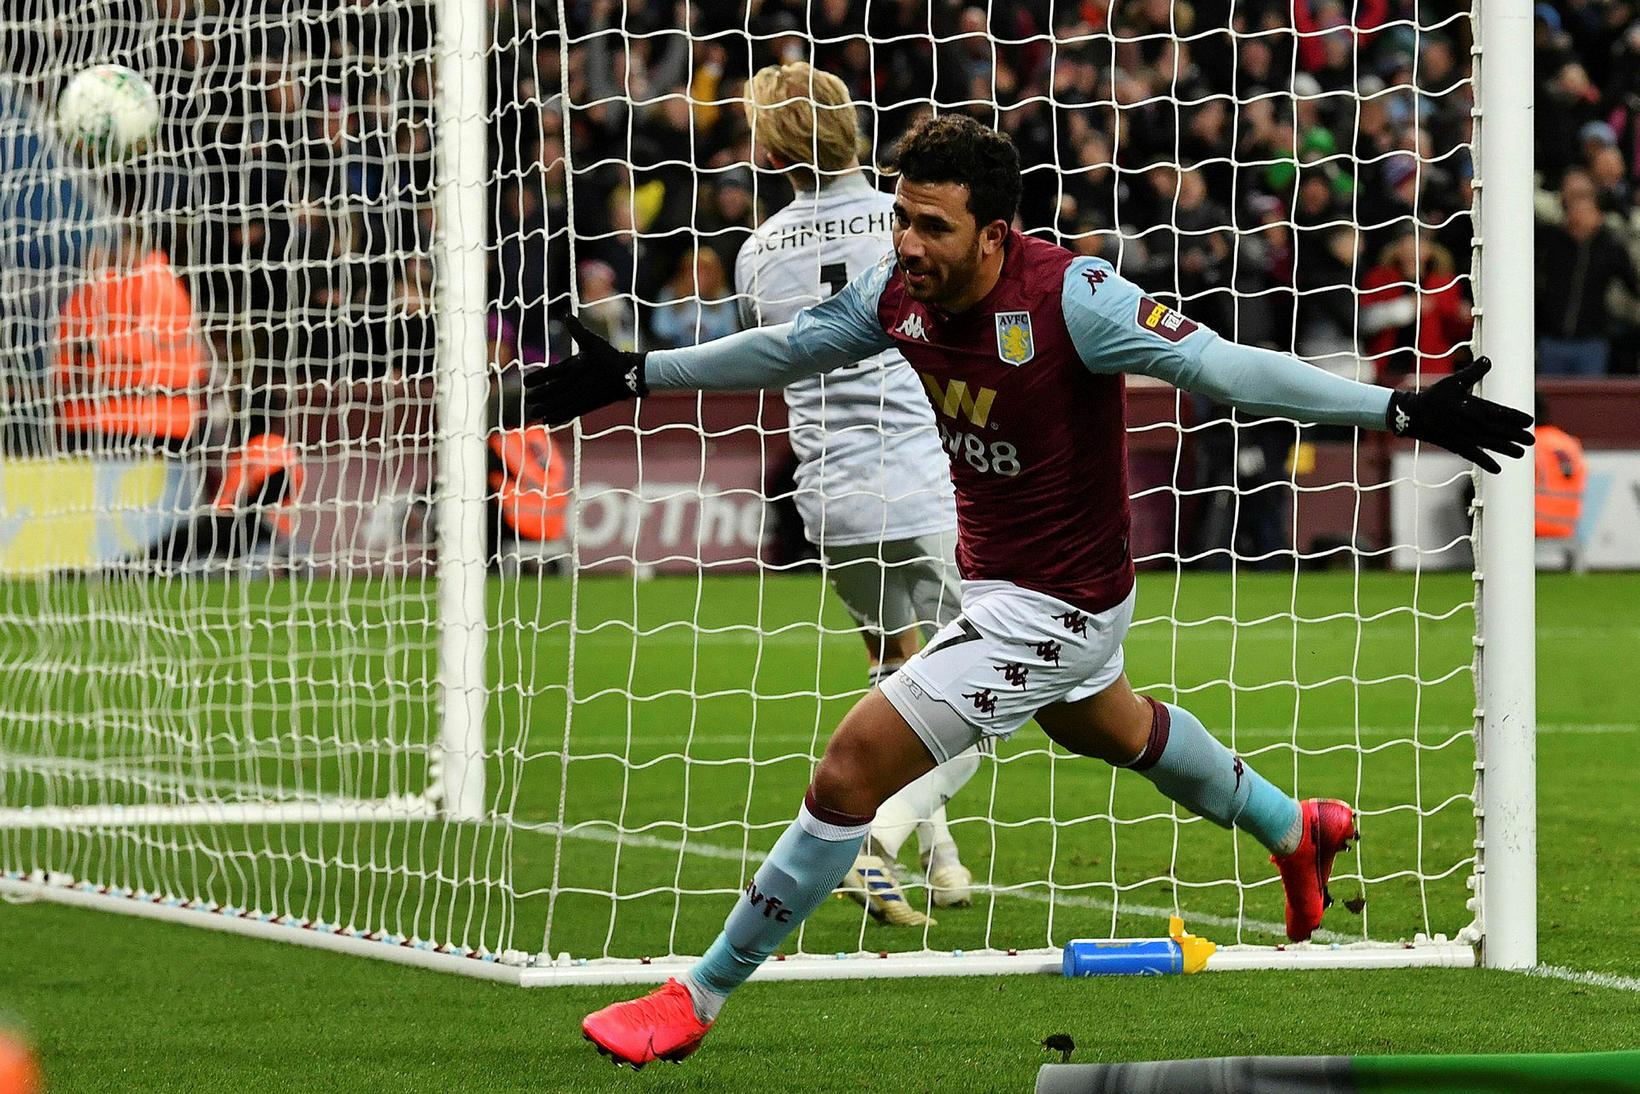 Trezeguet fagnar sigurmarki sínu fyrir Aston Villa.